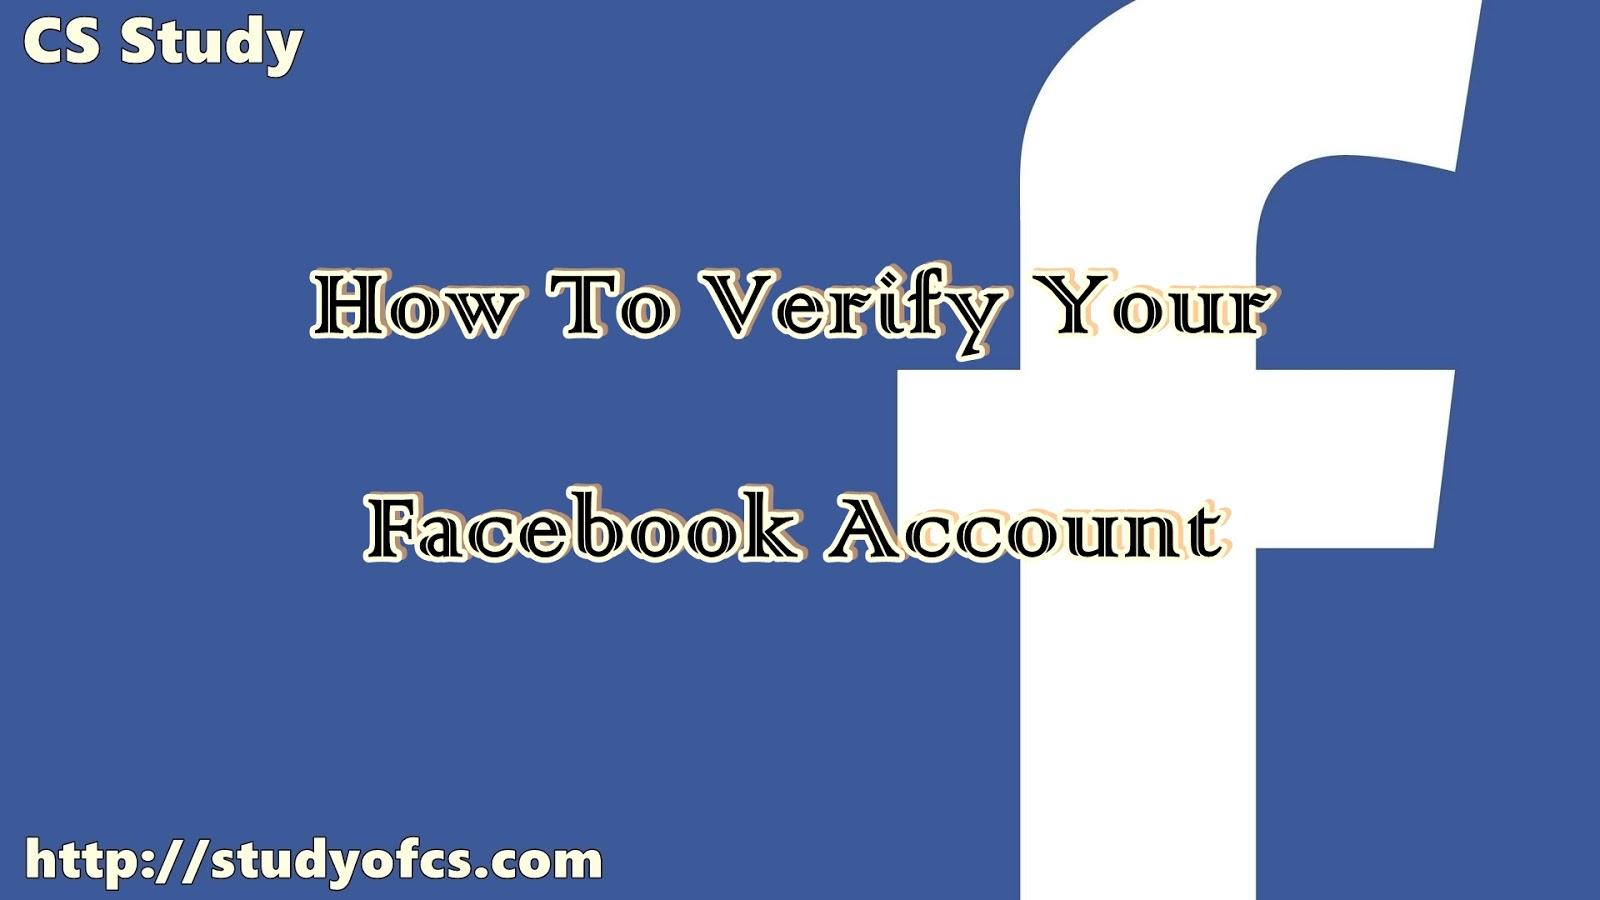 Do Fb How I Account My Verify